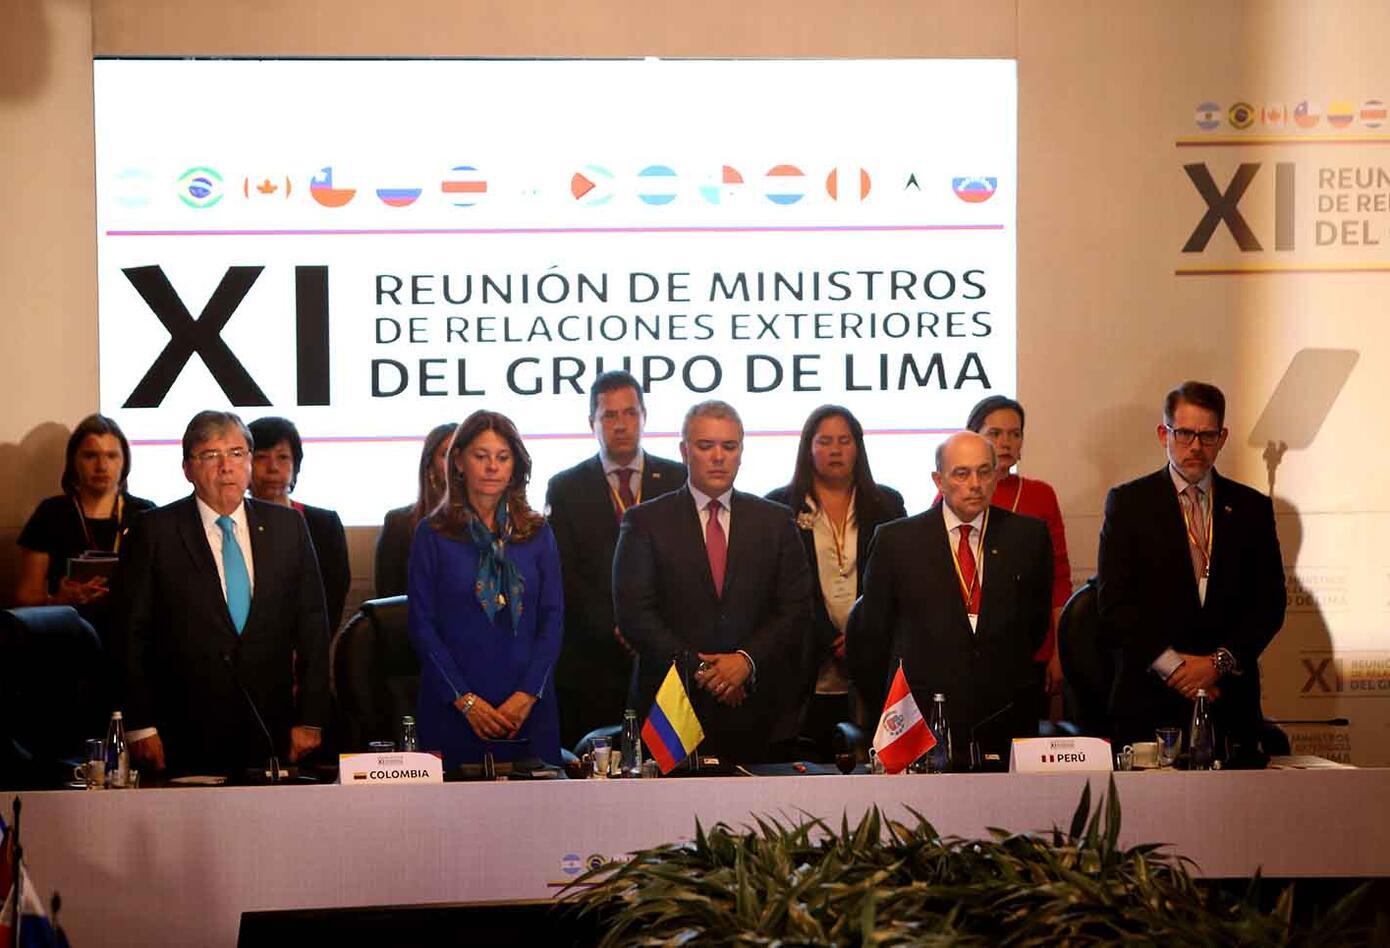 Así ha transcurrido la reunión del Grupo de Lima en Bogotá.